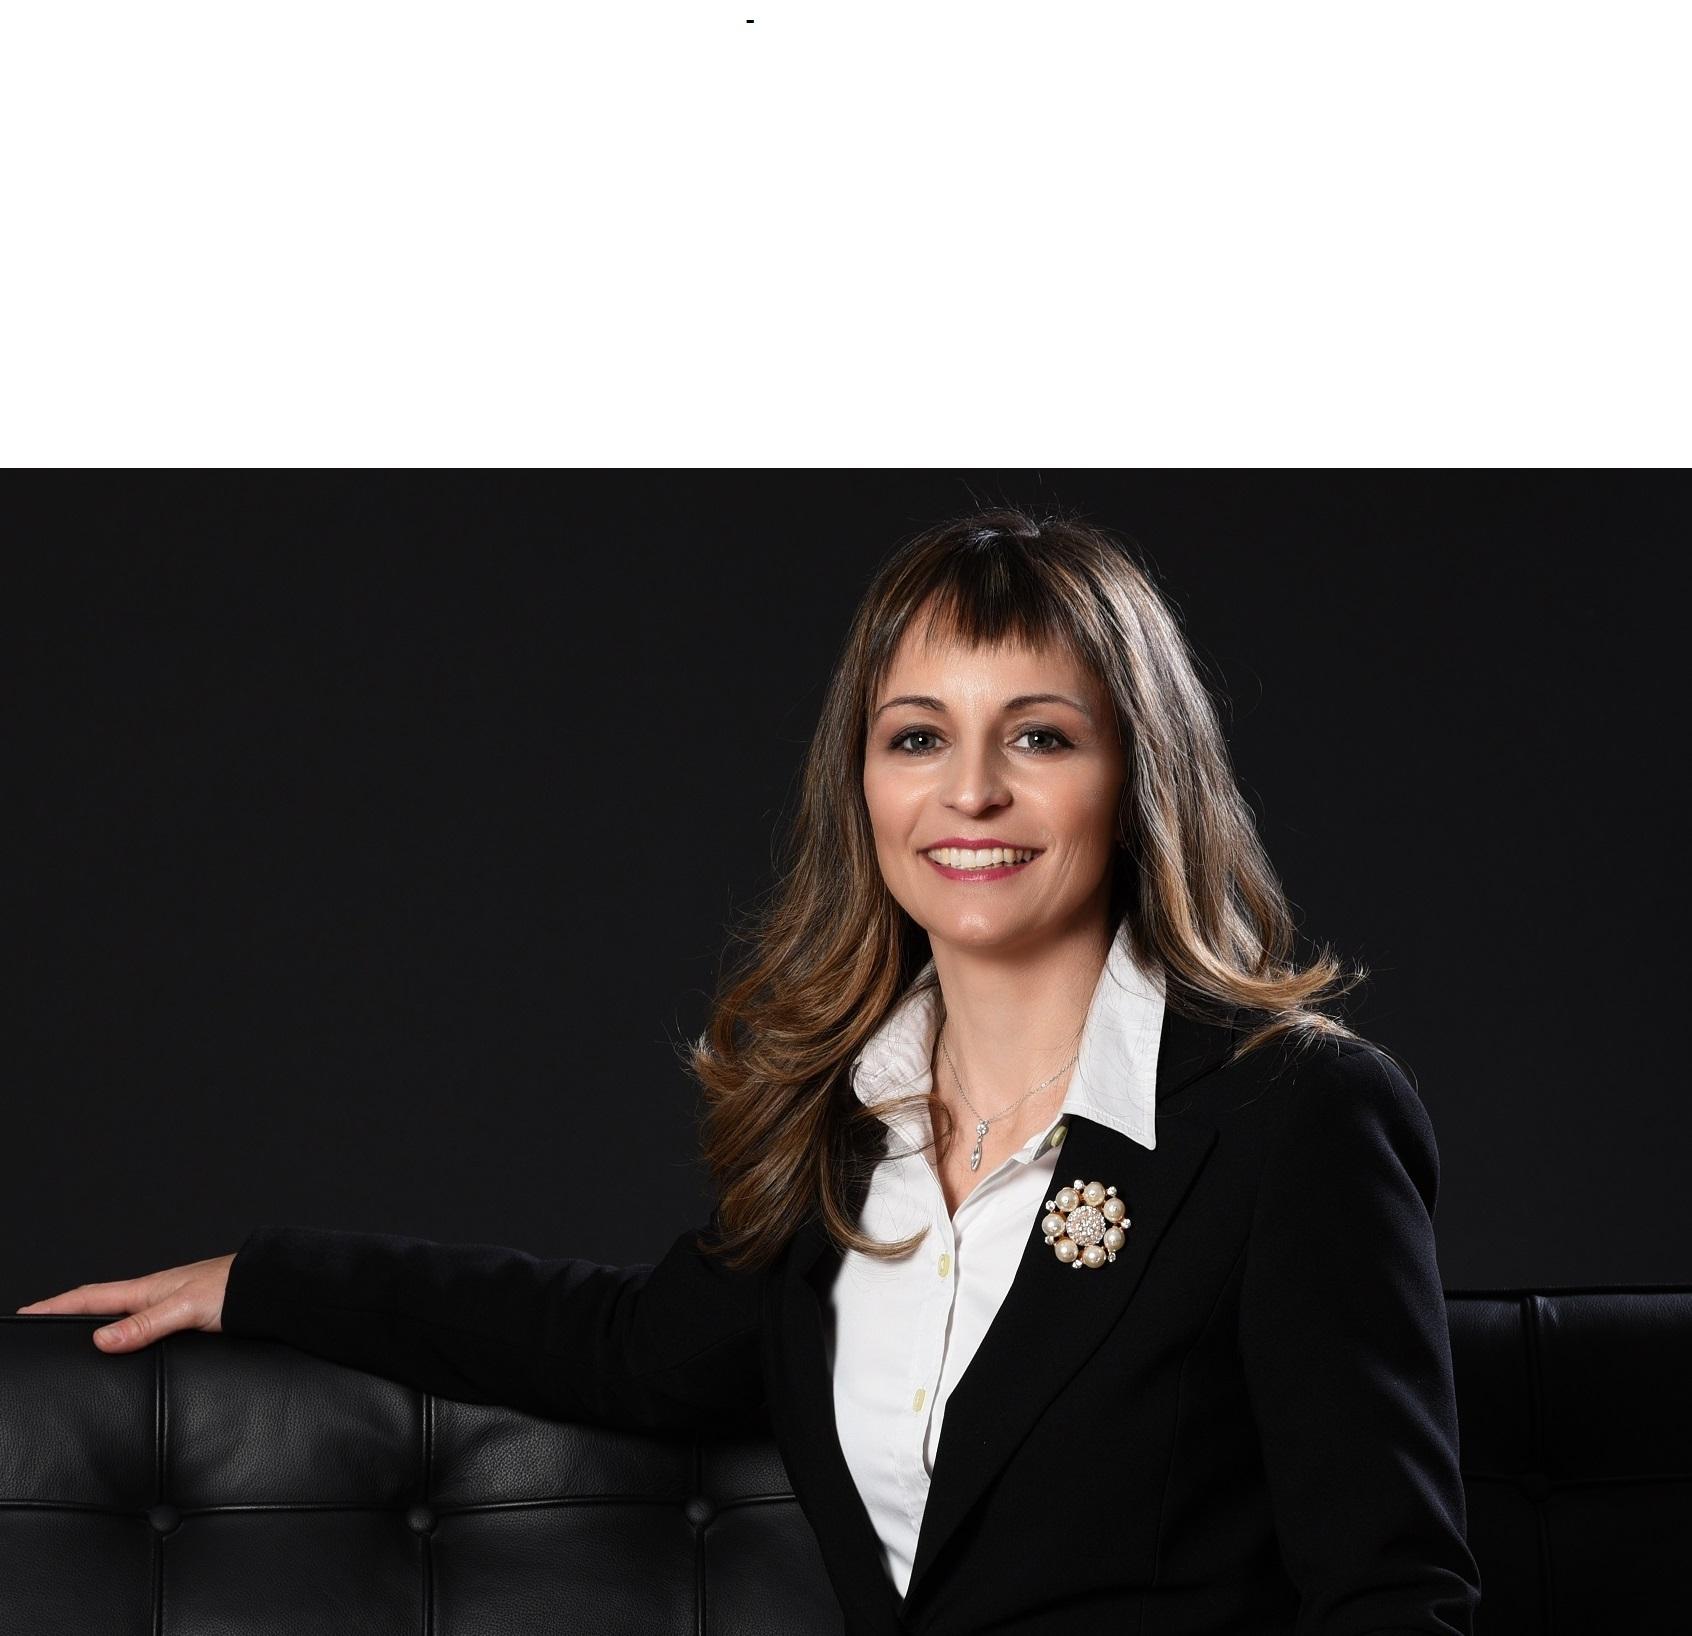 avv navarra 2 - Nuovo partner e nuova sede romana per C-Lex Studio Legale